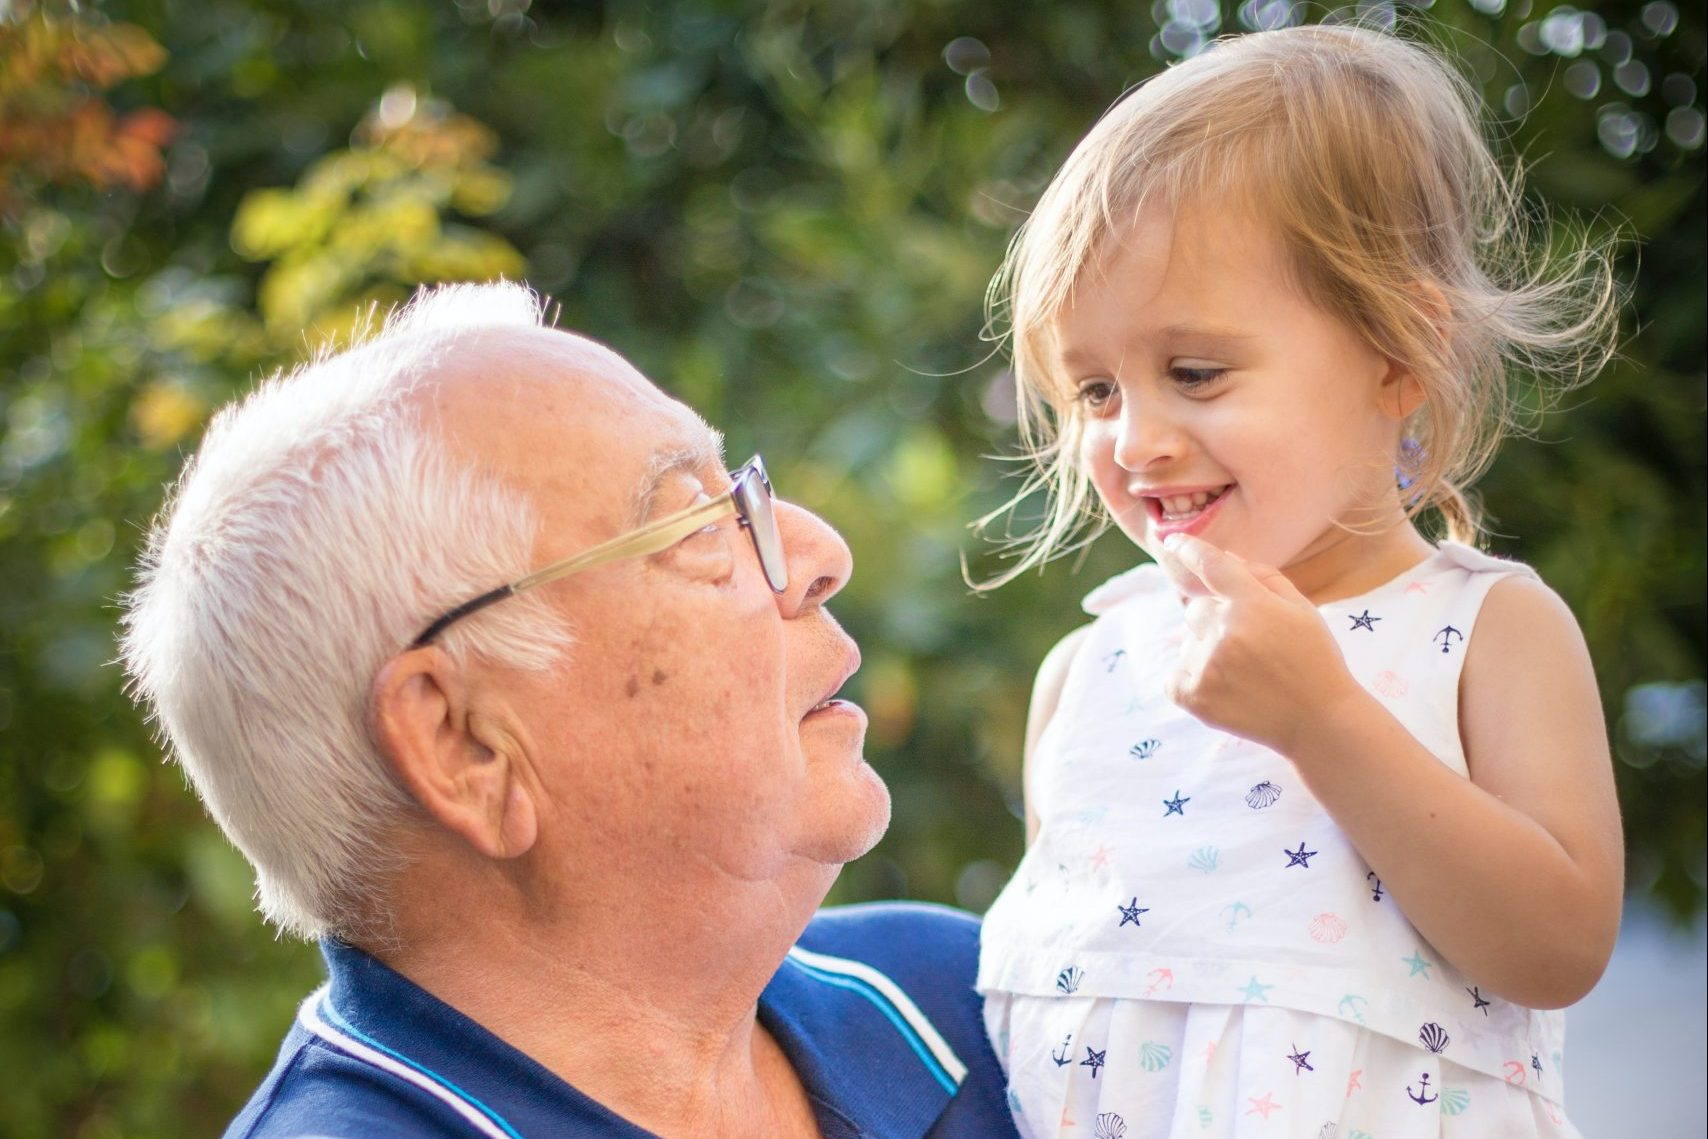 Milyen nagyszülő az, aki nem akar az unokájával lenni?